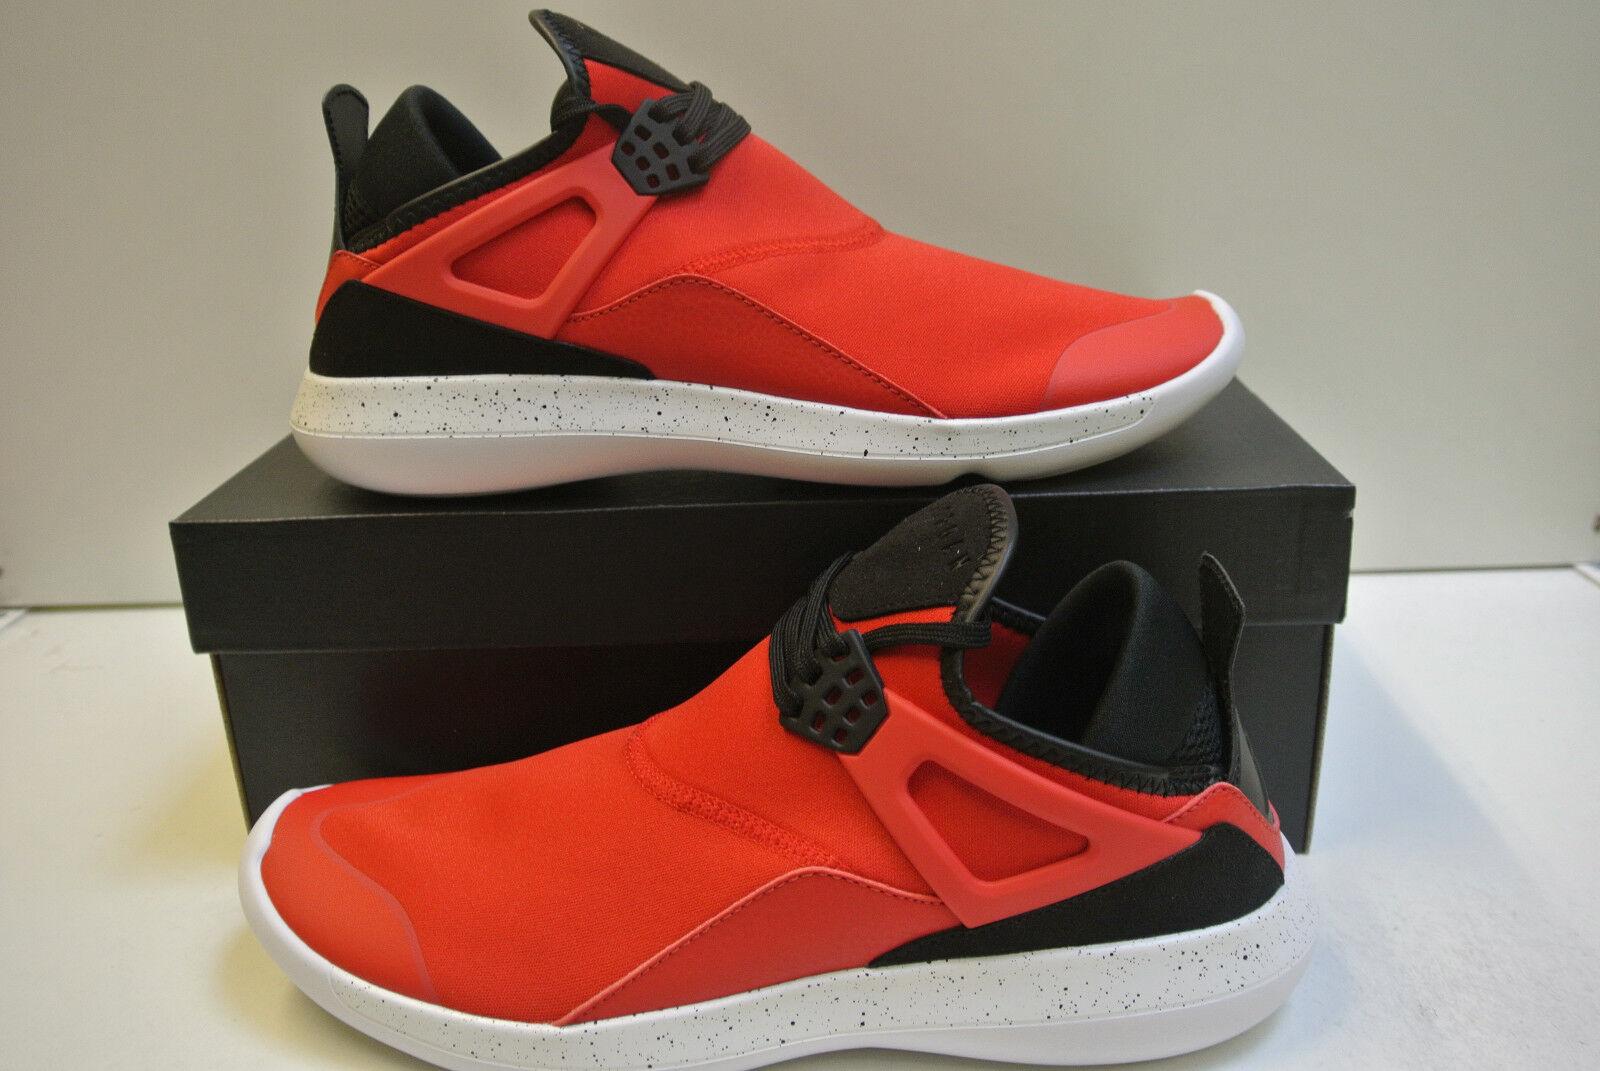 Nike Air Jordan Fly 89 Gr. Wählbar Neu & OVP 940267 601